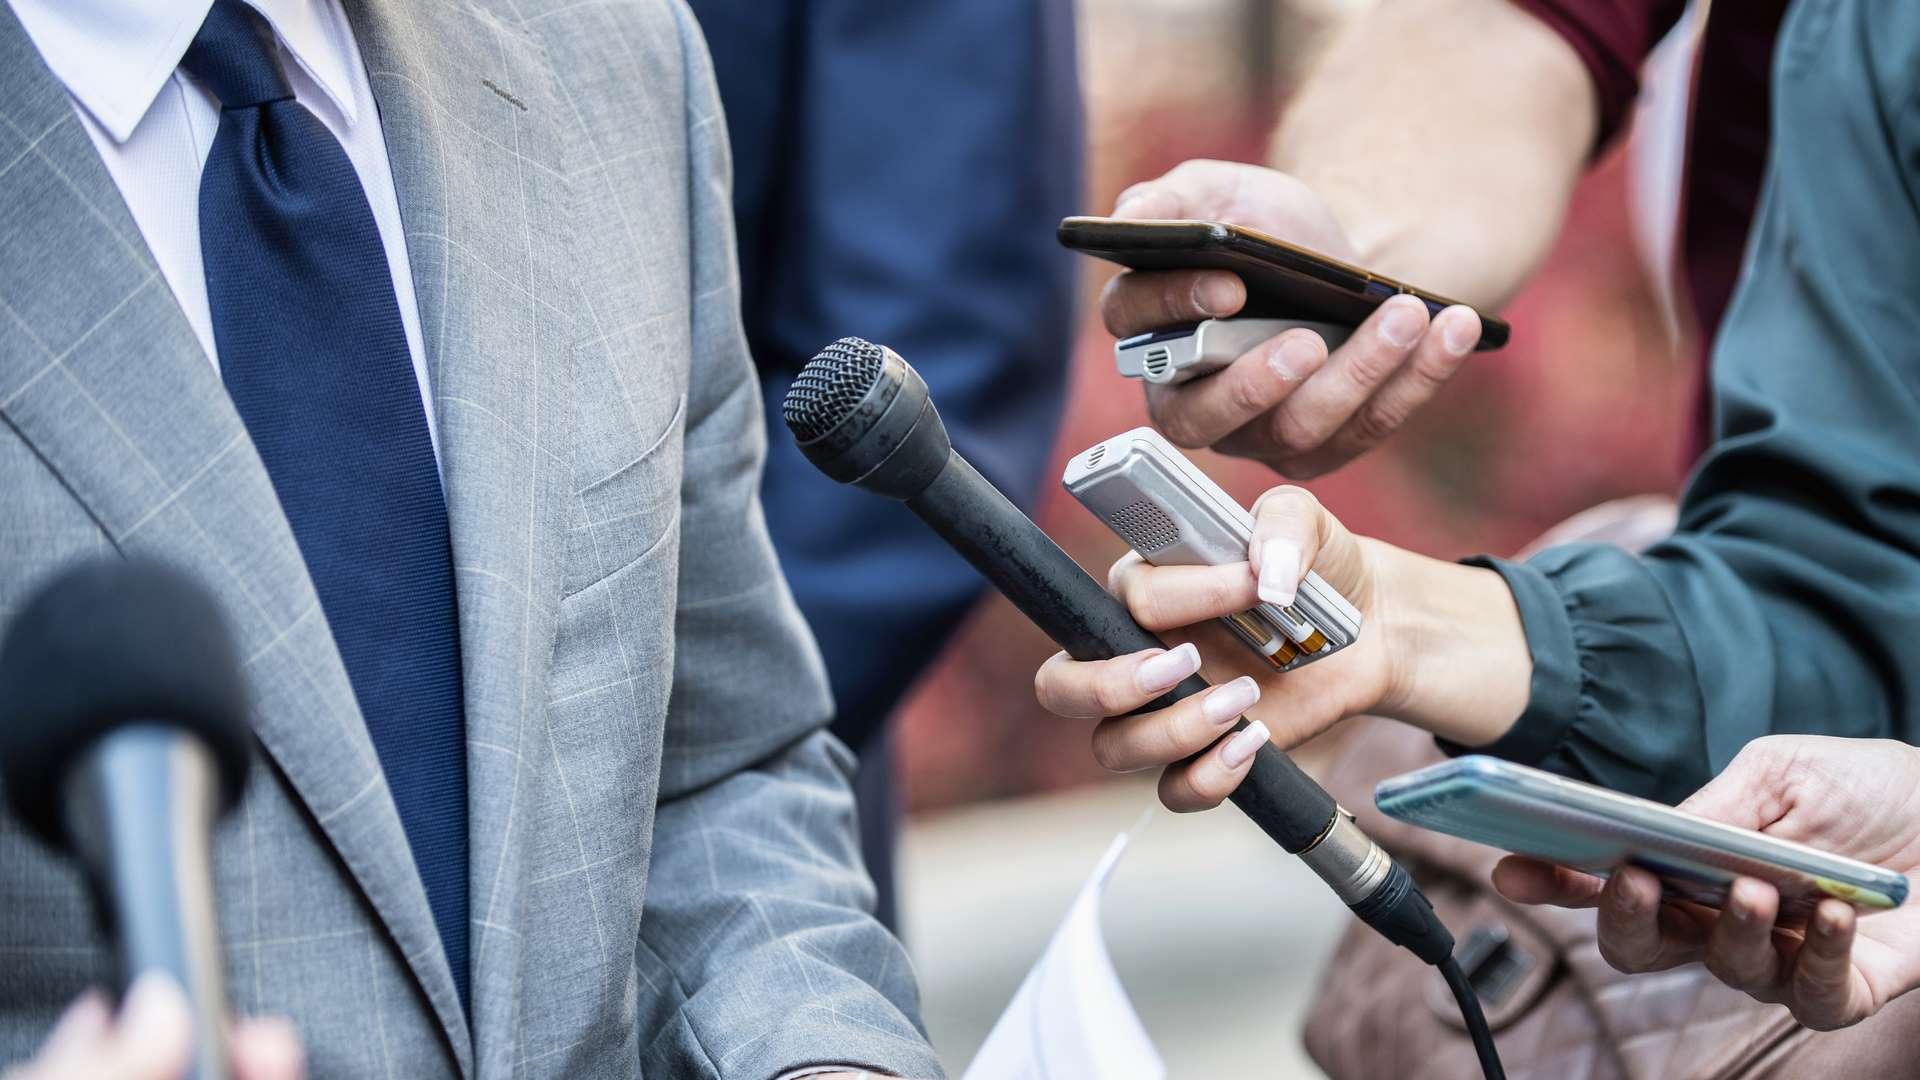 REMINDER – NUOVA SABATINI 2019 – A MAGGIO 2019 ANCORA IL 21% DI RISORSE DISPONIBILI